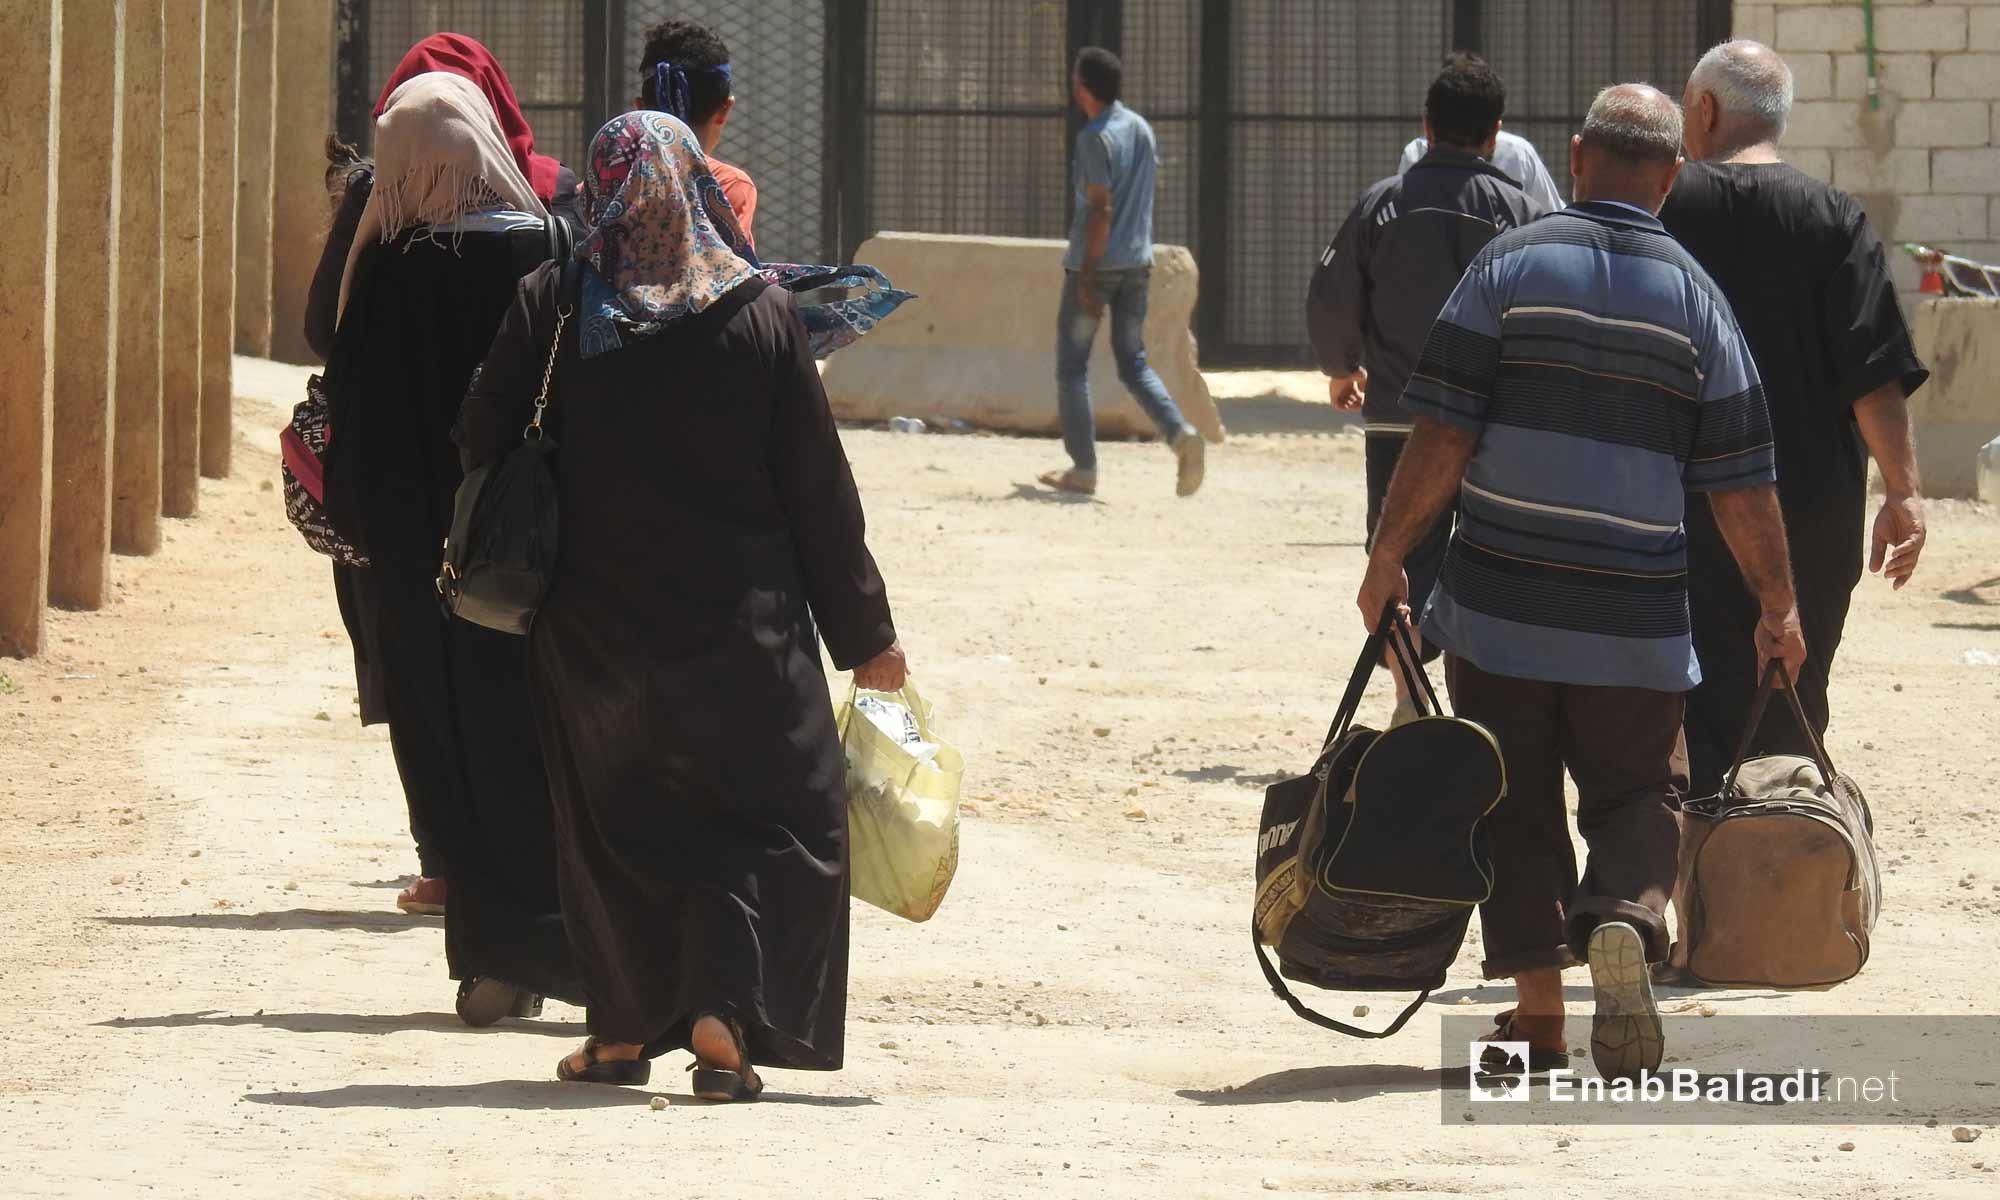 15 ألف سوري يعودون إلى شمال حلب لقضاء إجازة العيد